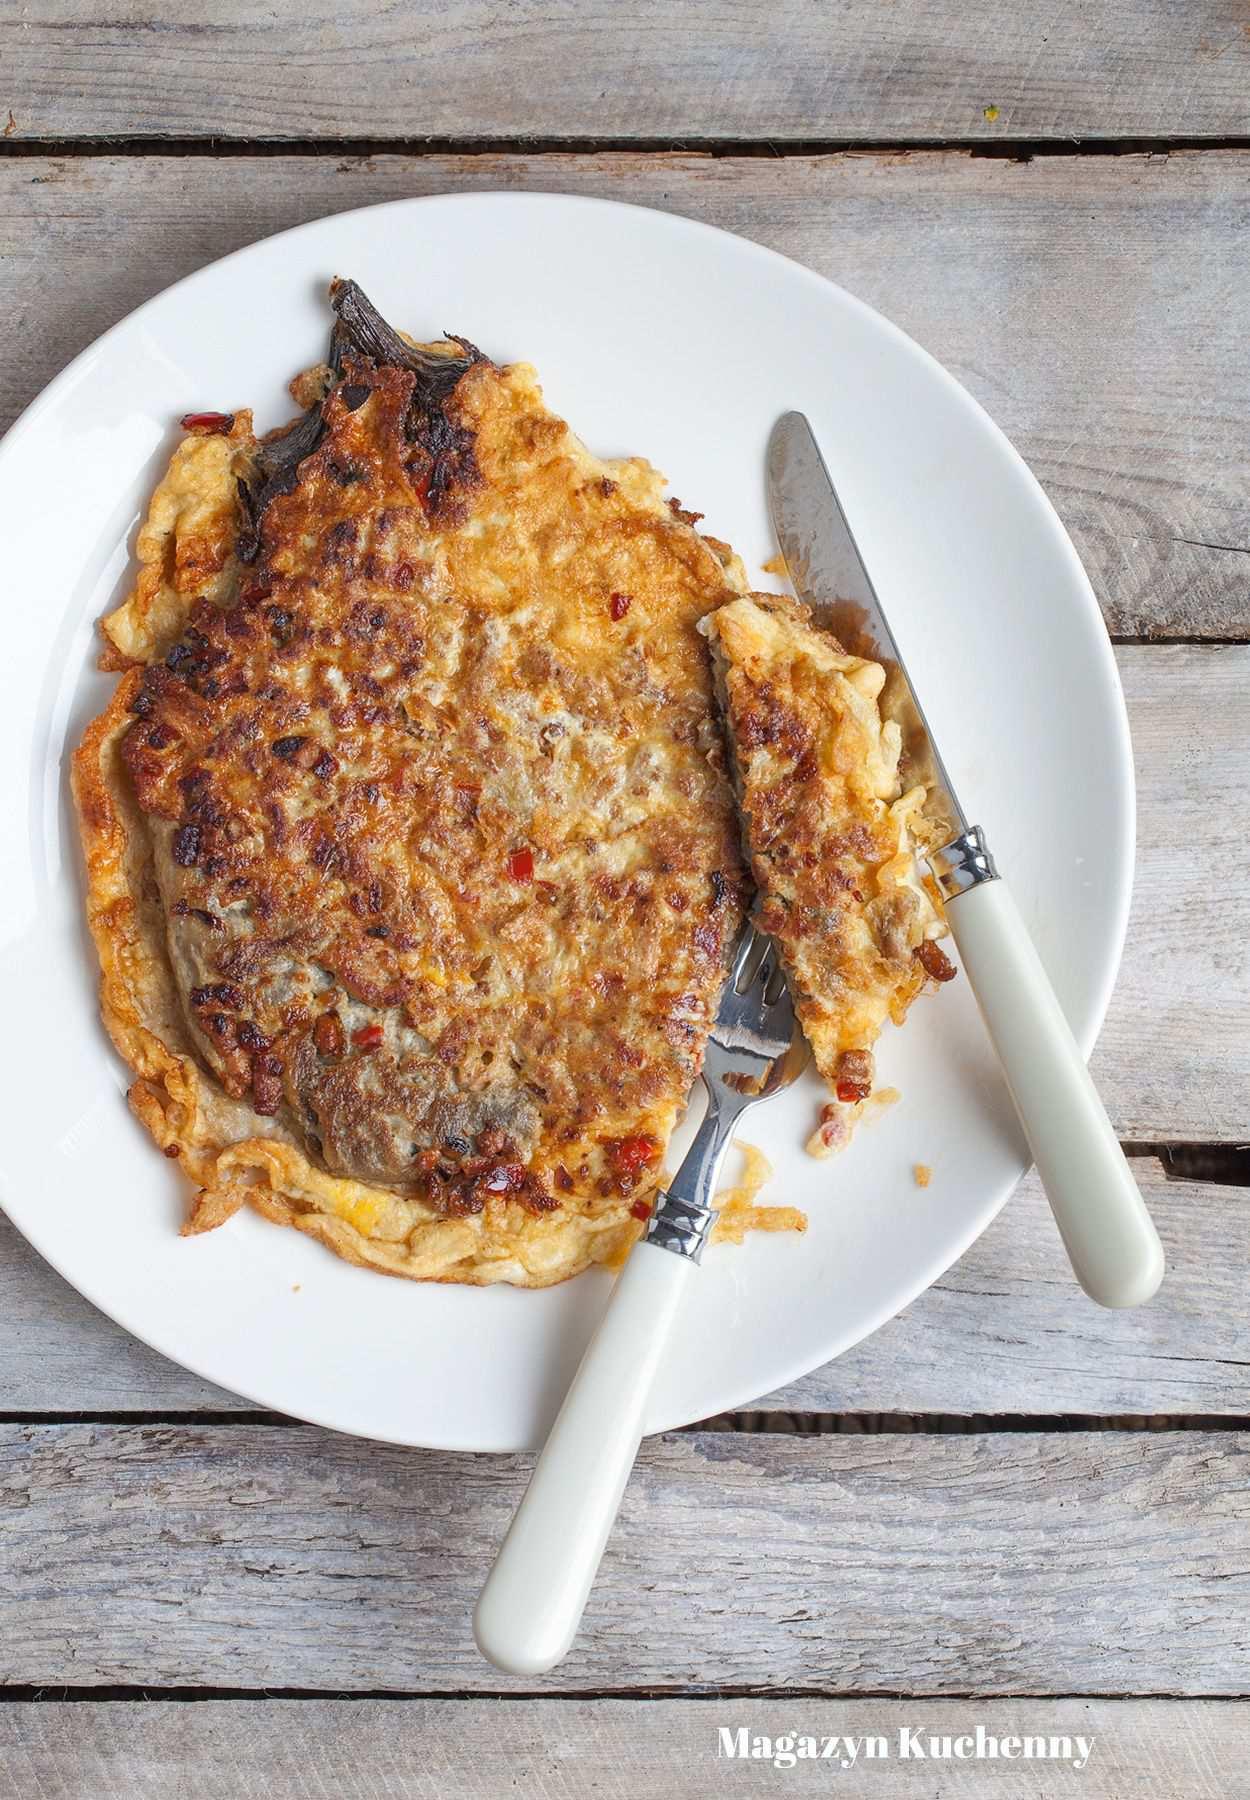 Omlet z bakłażanem, papryką i mieloną wieprzowiną